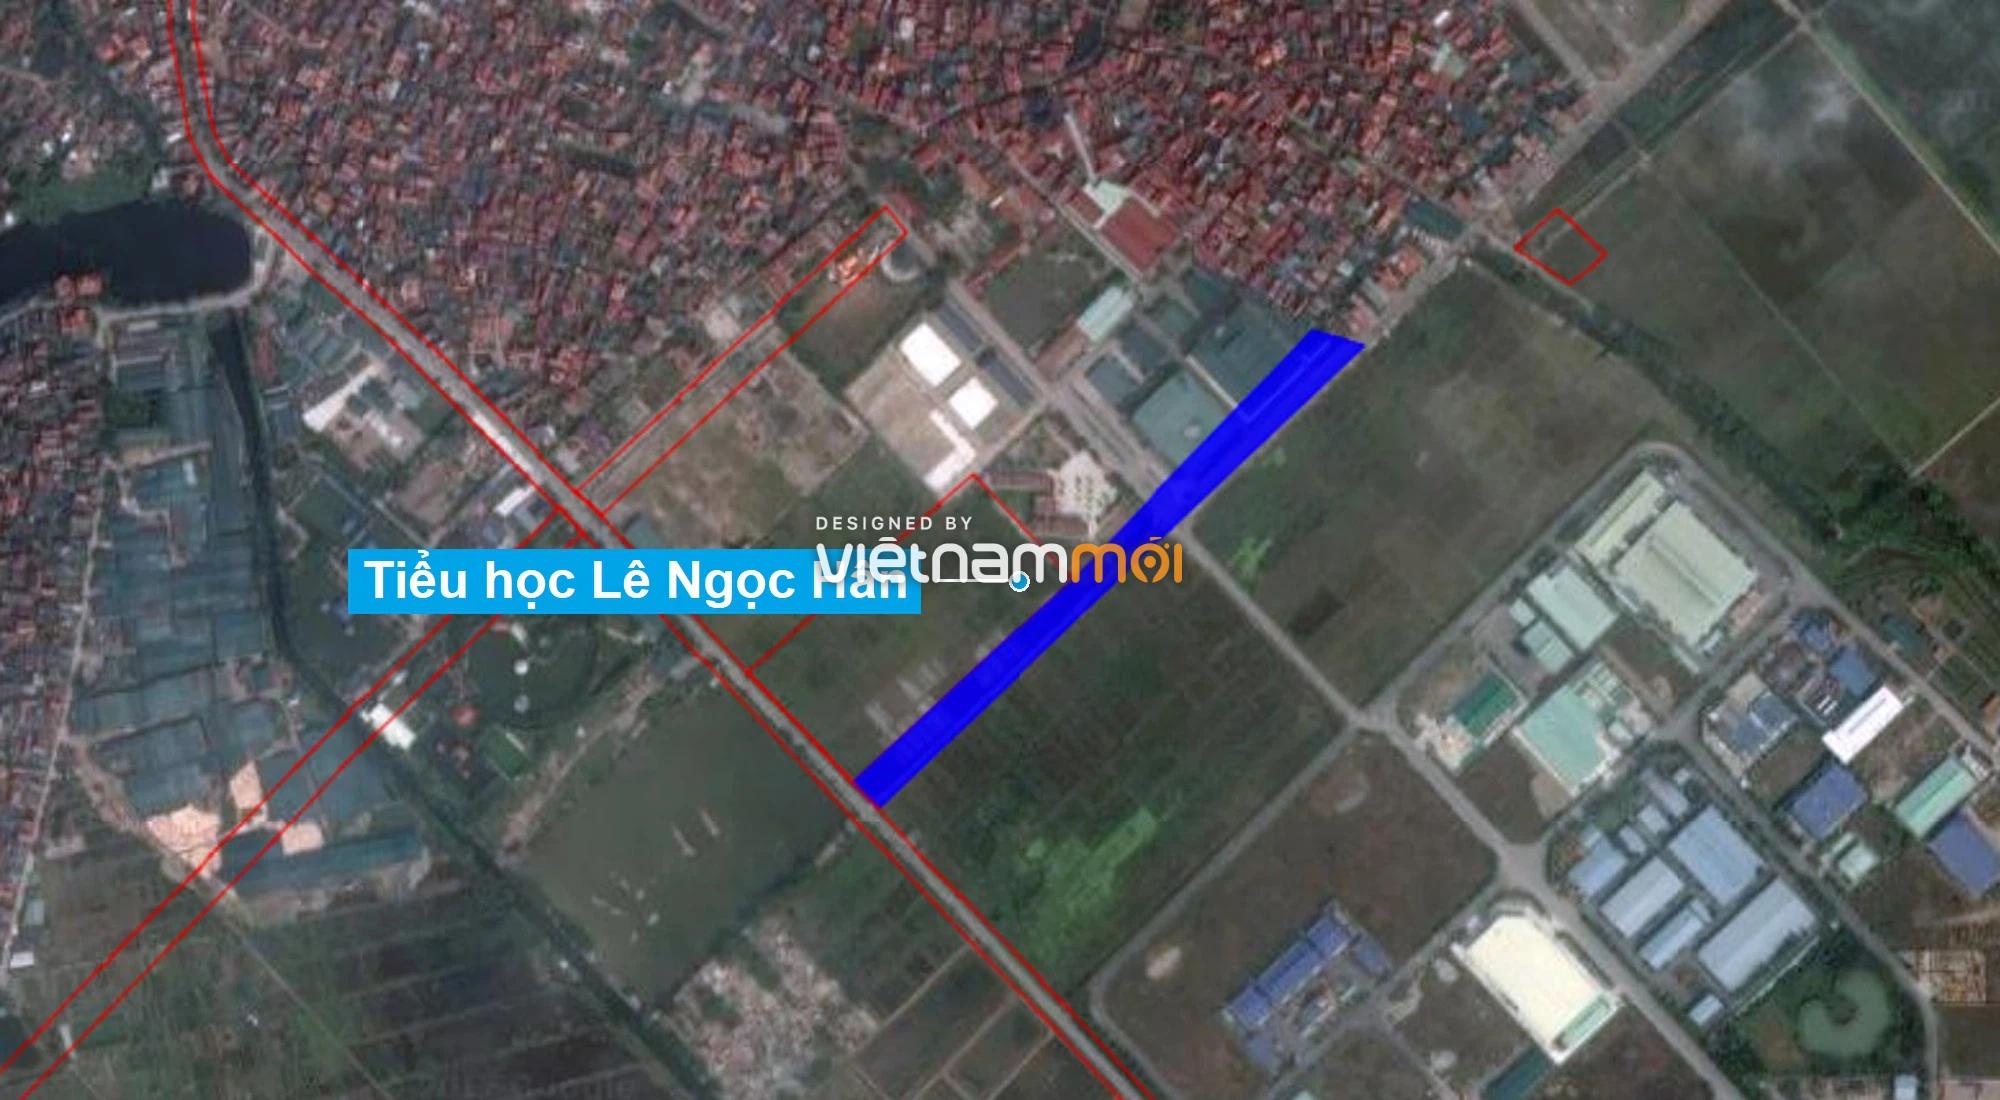 Những khu đất sắp thu hồi để mở đường ở huyện Gia Lâm, Hà Nội (phần 1) - Ảnh 17.